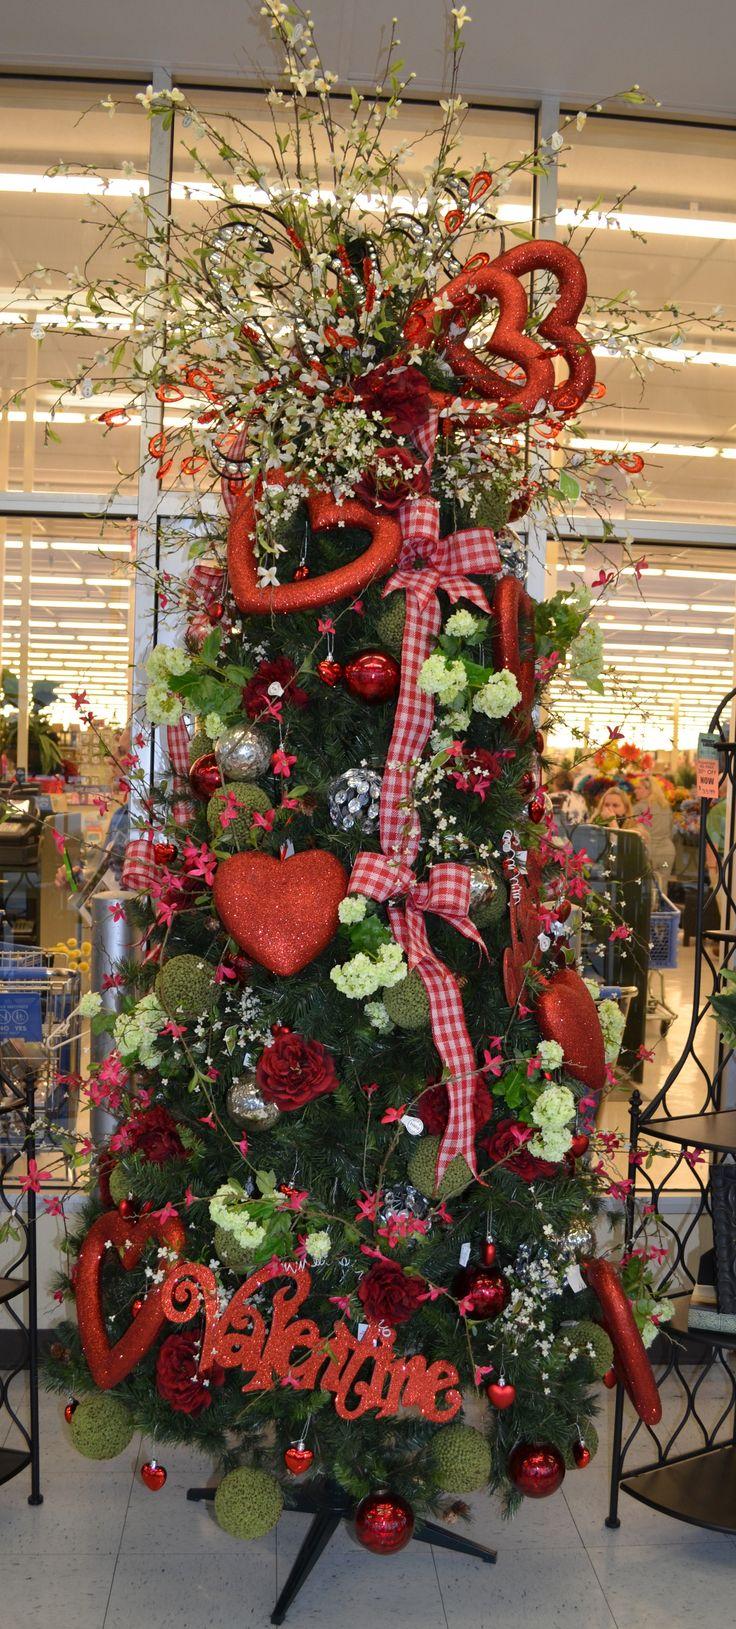 Valentine's Day Tree - Scrapbook.com